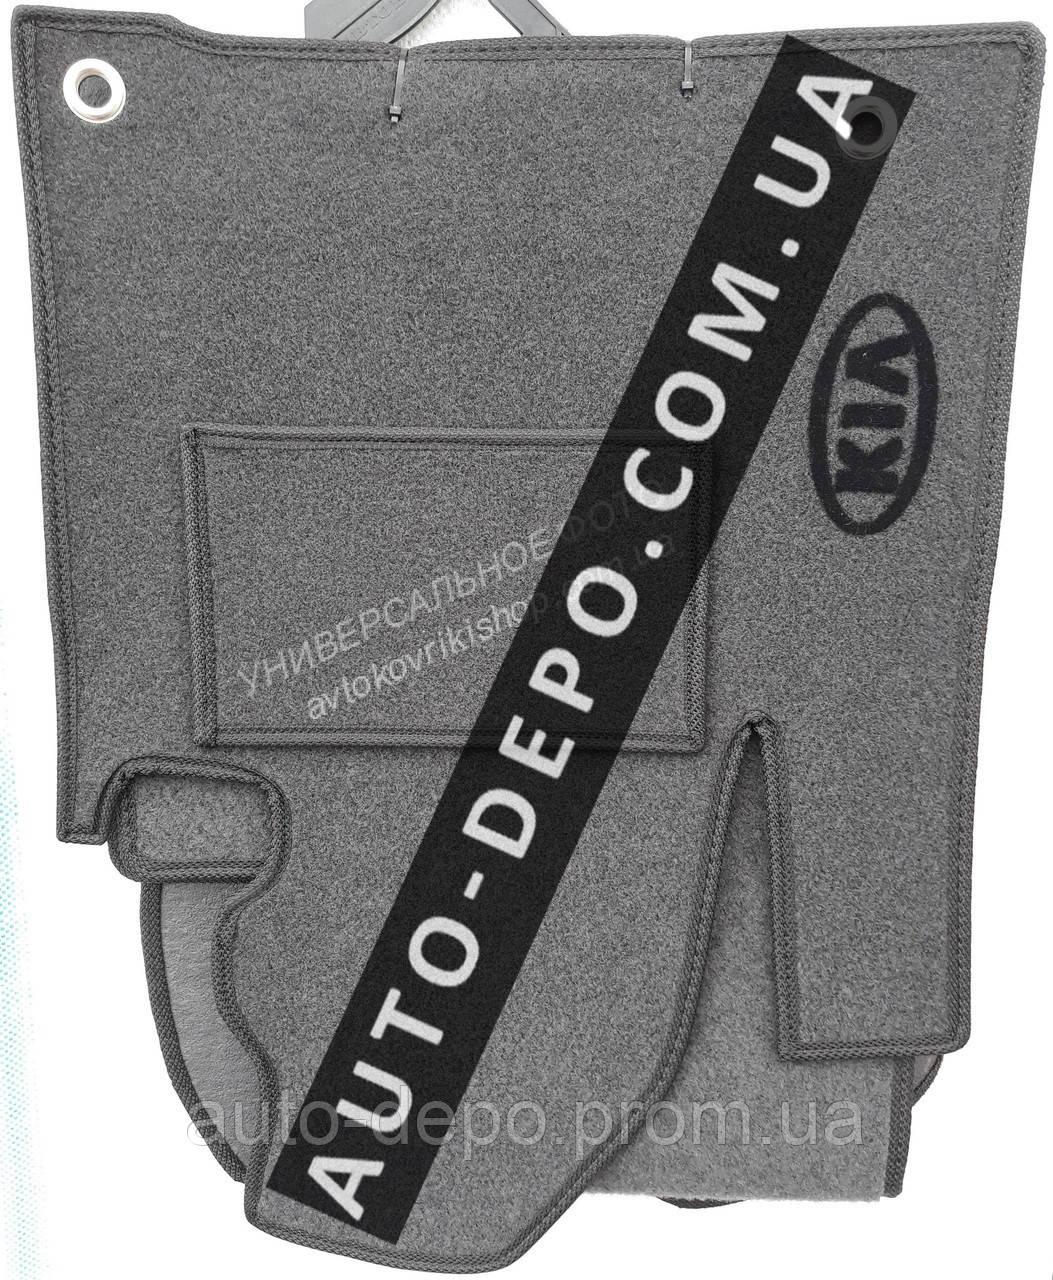 Килимки ворсові Kia Venga 2010 - VIP ЛЮКС АВТО-ВОРС